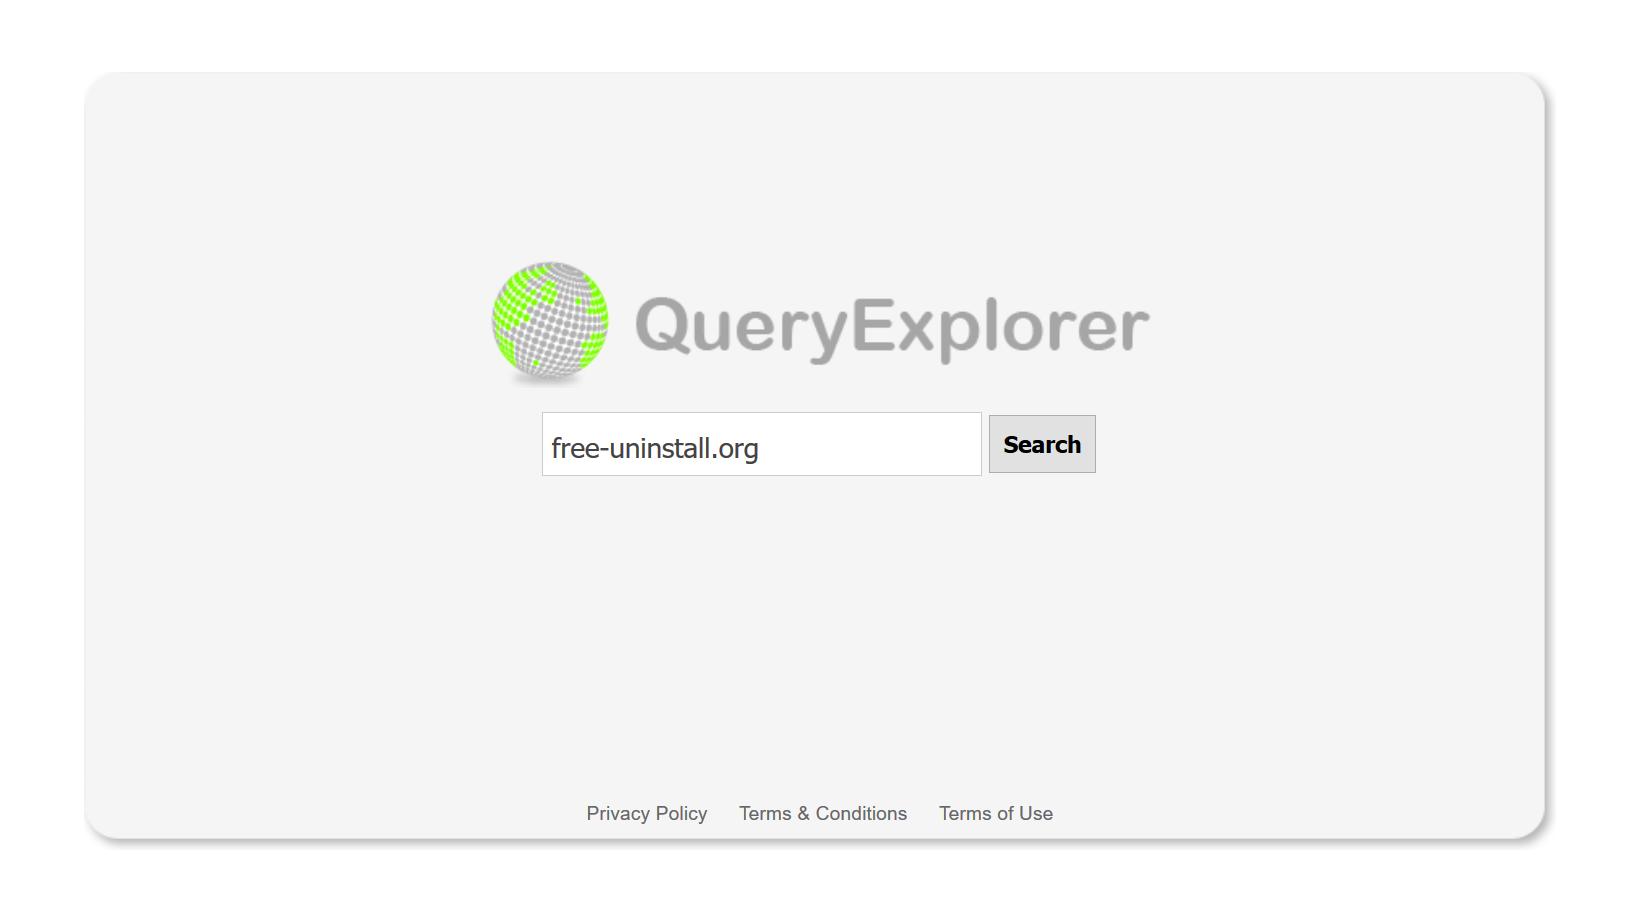 Queryexplorer.com hijacker